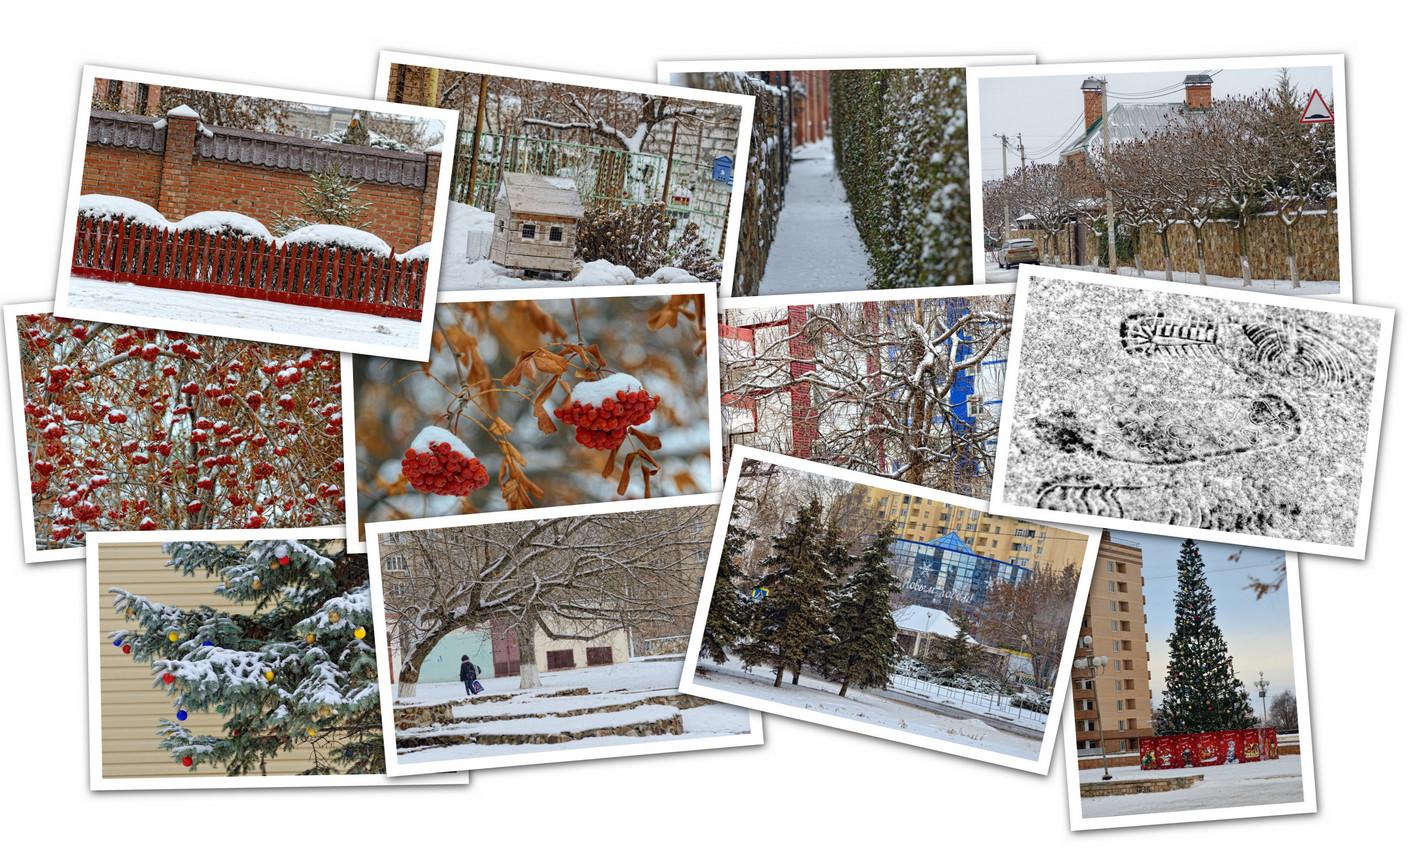 APC_Collage - 2020.12.23 19.48 - 001